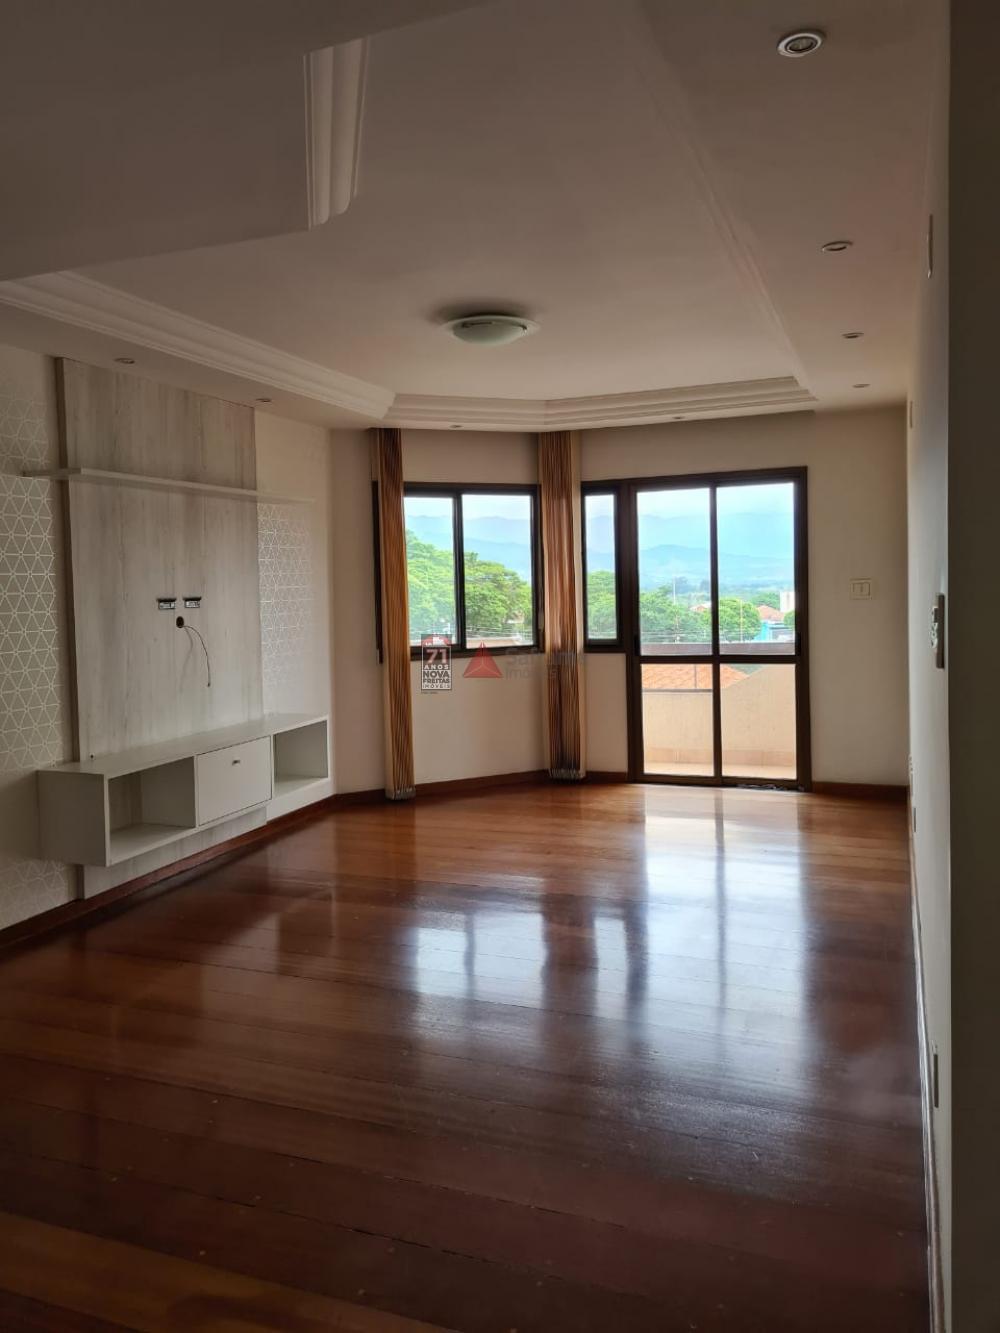 Comprar Apartamento / Padrão em Pindamonhangaba apenas R$ 430.000,00 - Foto 1